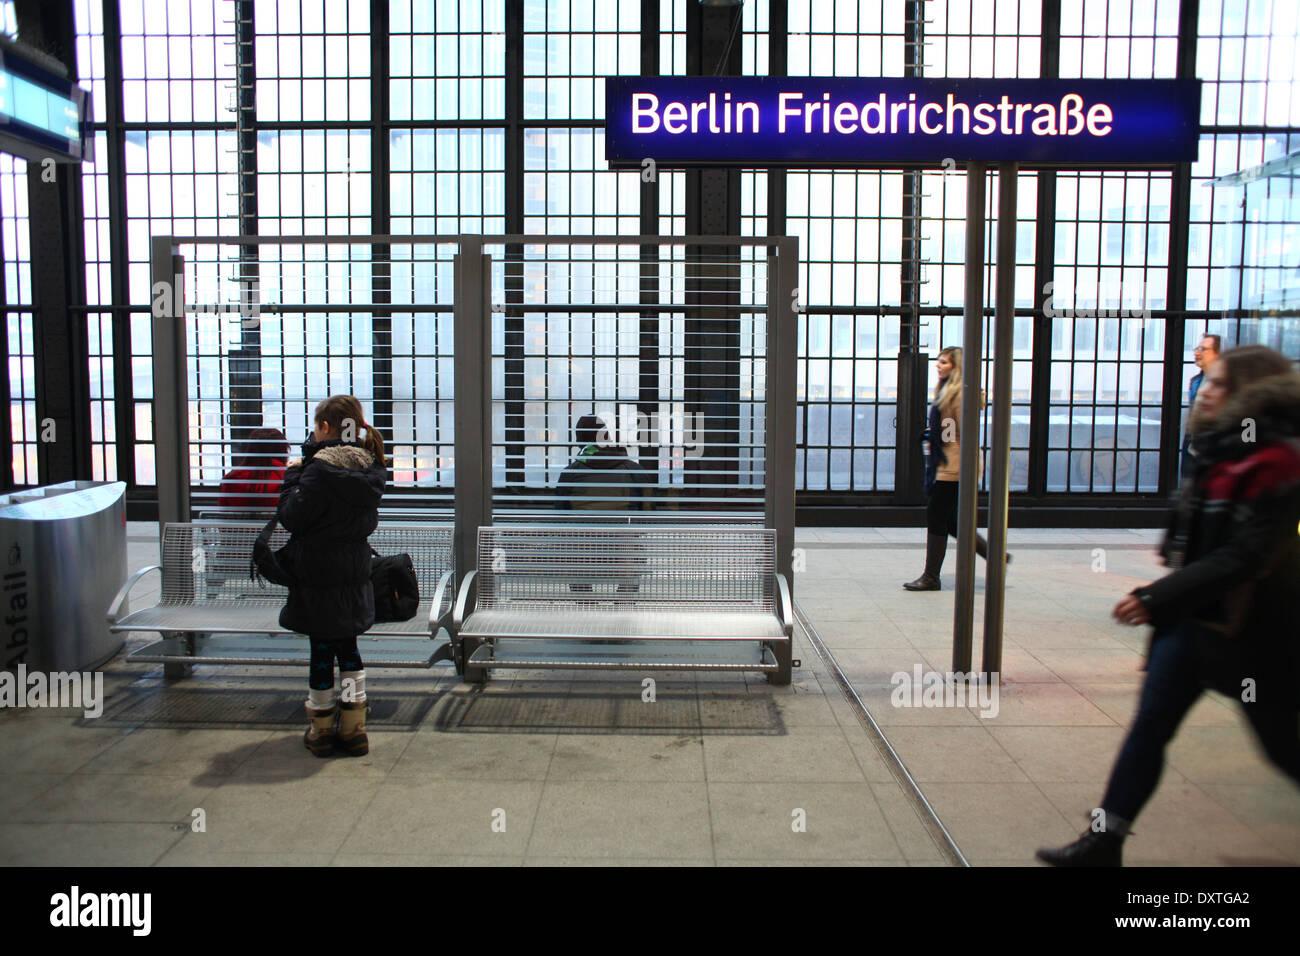 Menschen gehen am 01.02. 2014 auf einem Bahnsteig am S-Bahnhof Friedrichstraße in Berlin. Die S-Bahn in Berlin wird von der deutschen Bahn betrieben. Der Bahnhof an der Friedrichstraße ist einer der wichtigsten Verkehrsknotenpunkte im Verkehr in Berlin. Hier halten auch viele U-Bahnen und Nahverkehrszüge. Foto: Wolfram Steinberg dpa Stock Photo